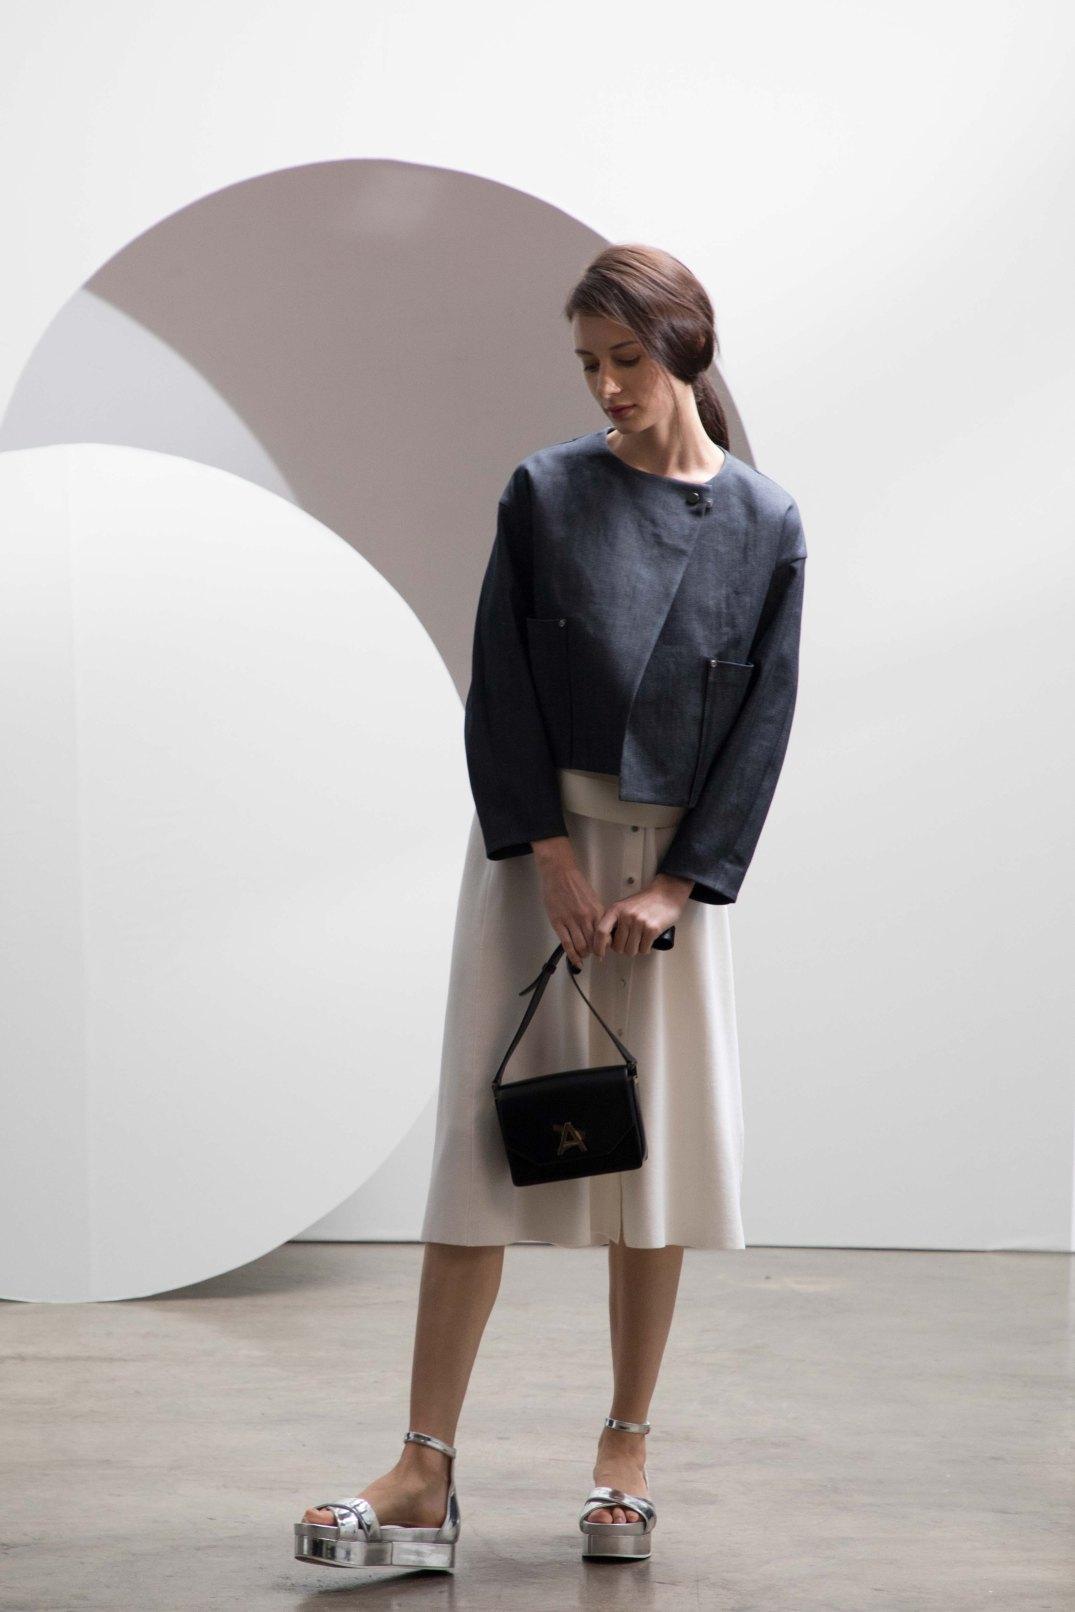 時裝服裝攝影 fashion Photography paulstylist-27